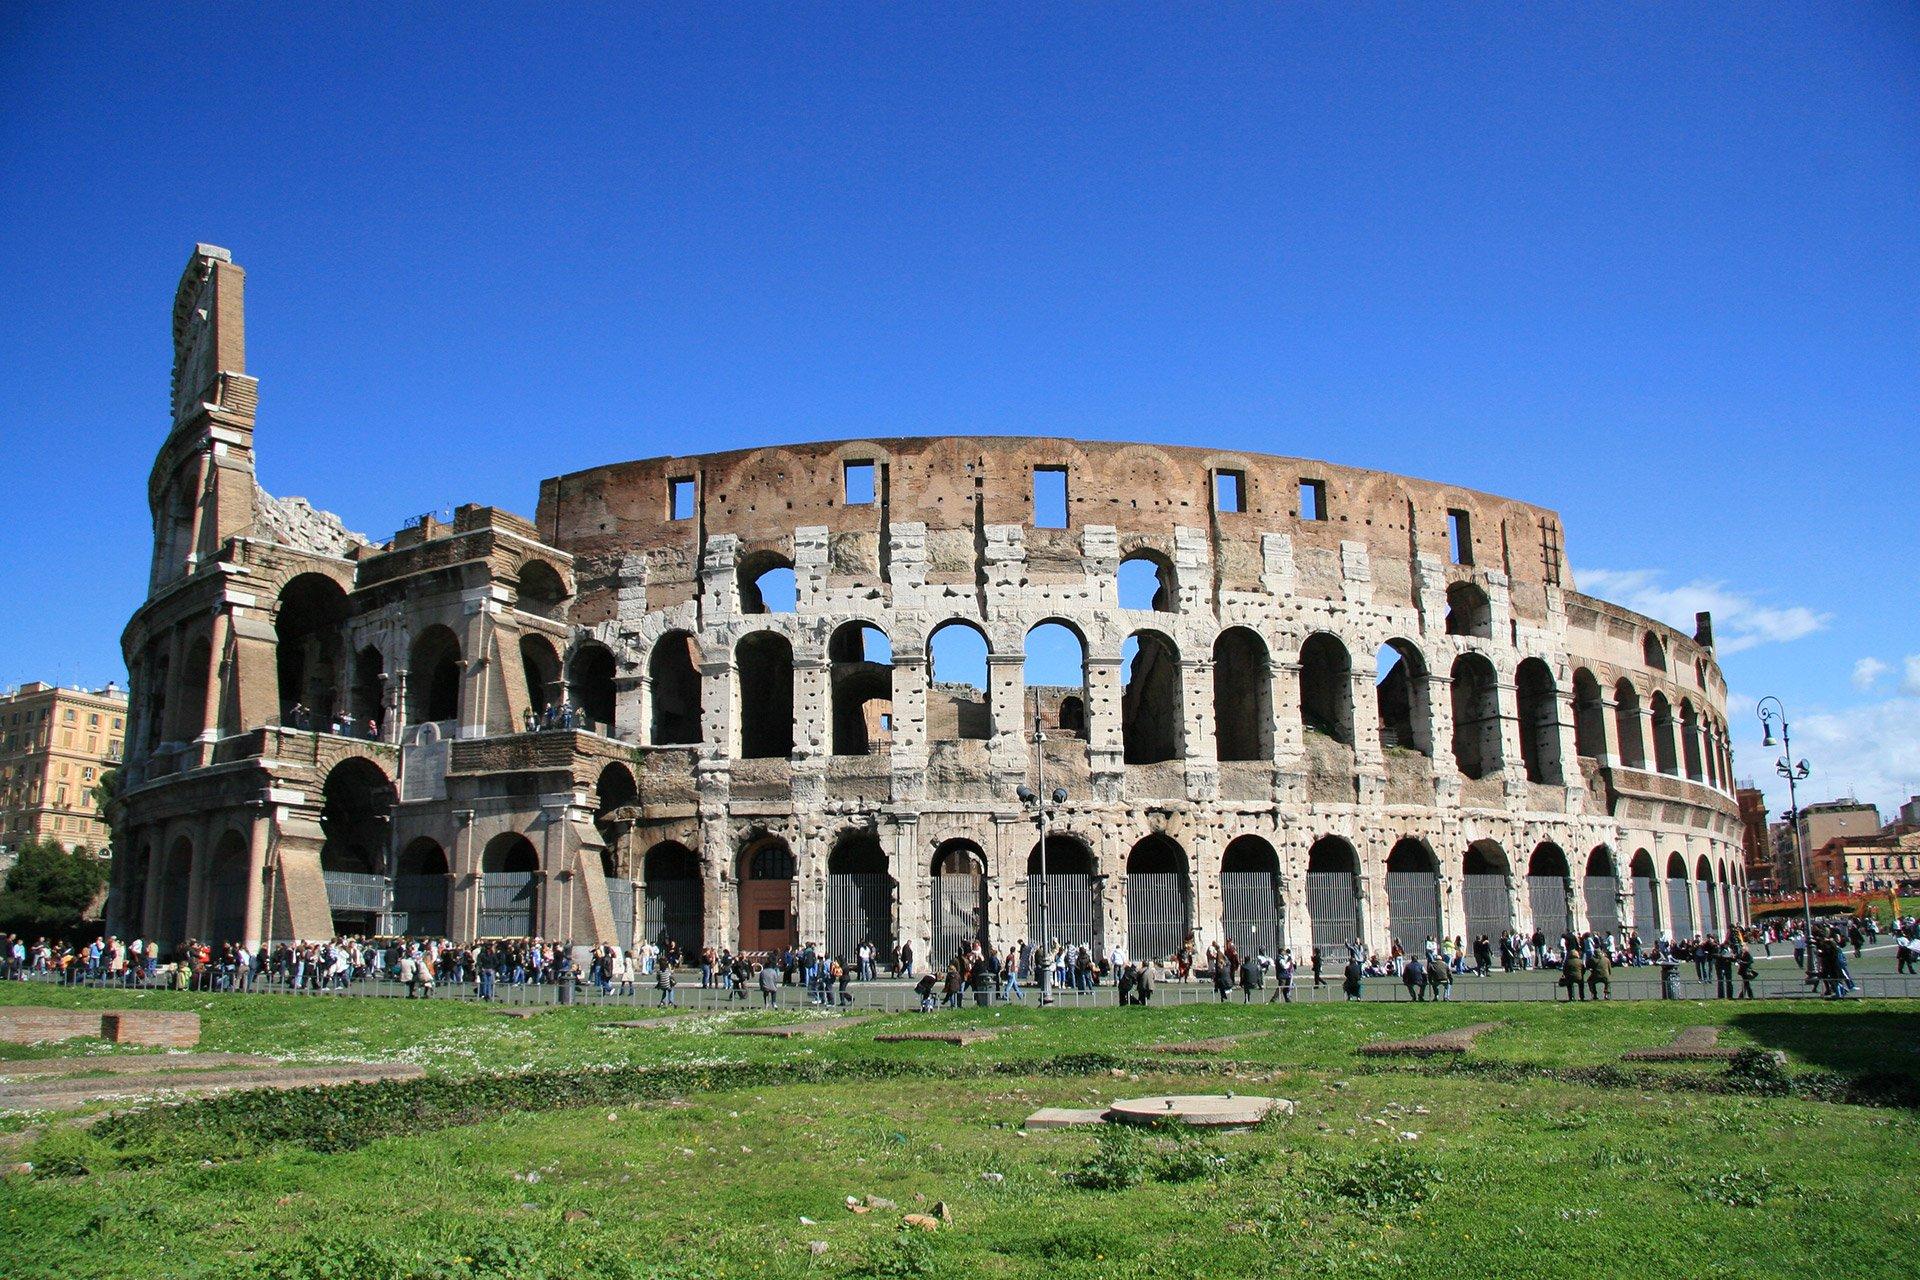 Картинки колизей древний рим, приколы вопросы открытки